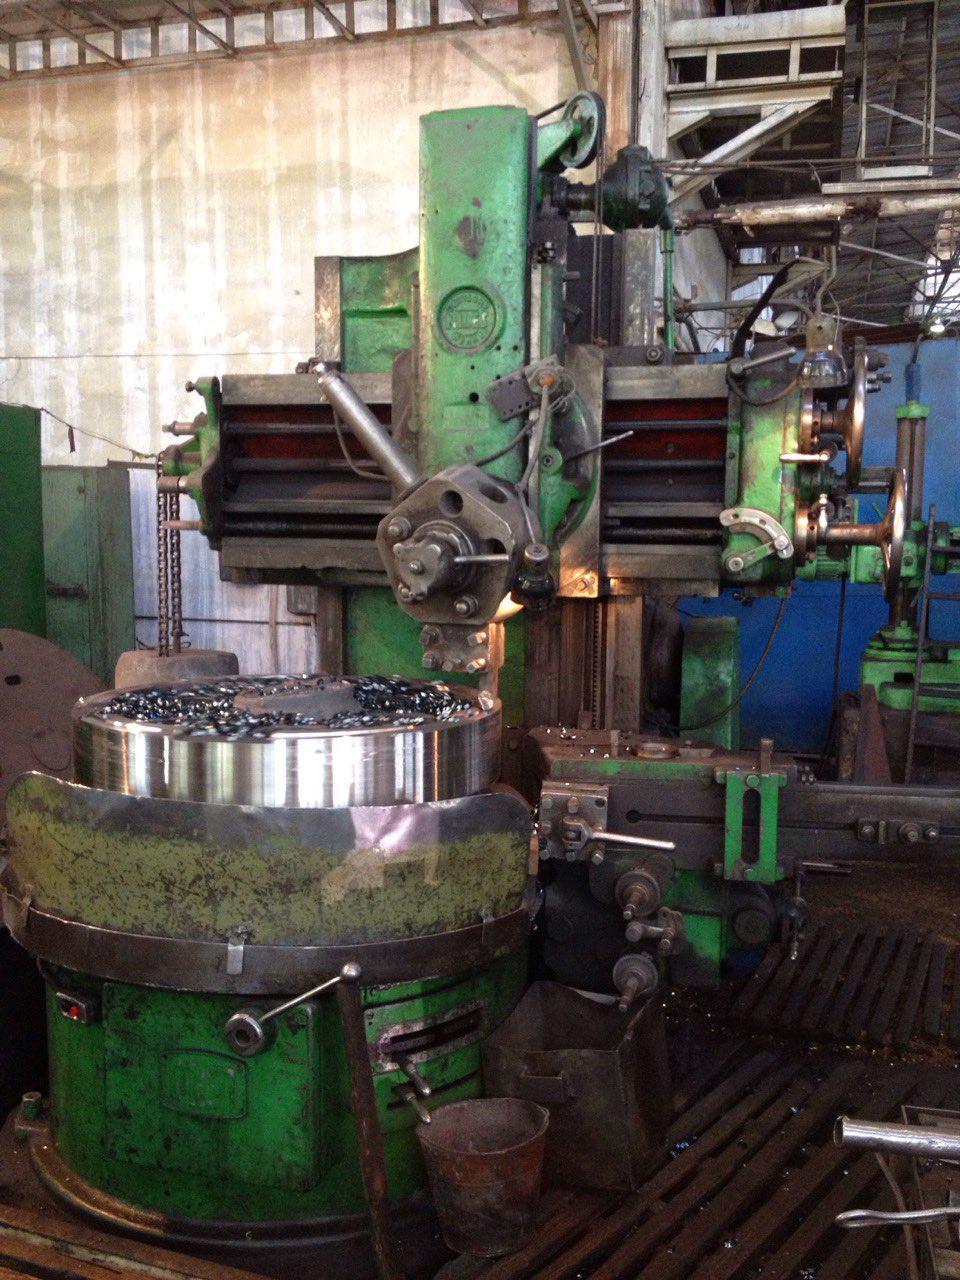 Капитальный ремон промышленного оборудования. Капитальный ремонт и техническое обслуживание горнорудного промышленного оборудования. Ремонт и модернизация промышленного оборудования и основных запчастей.